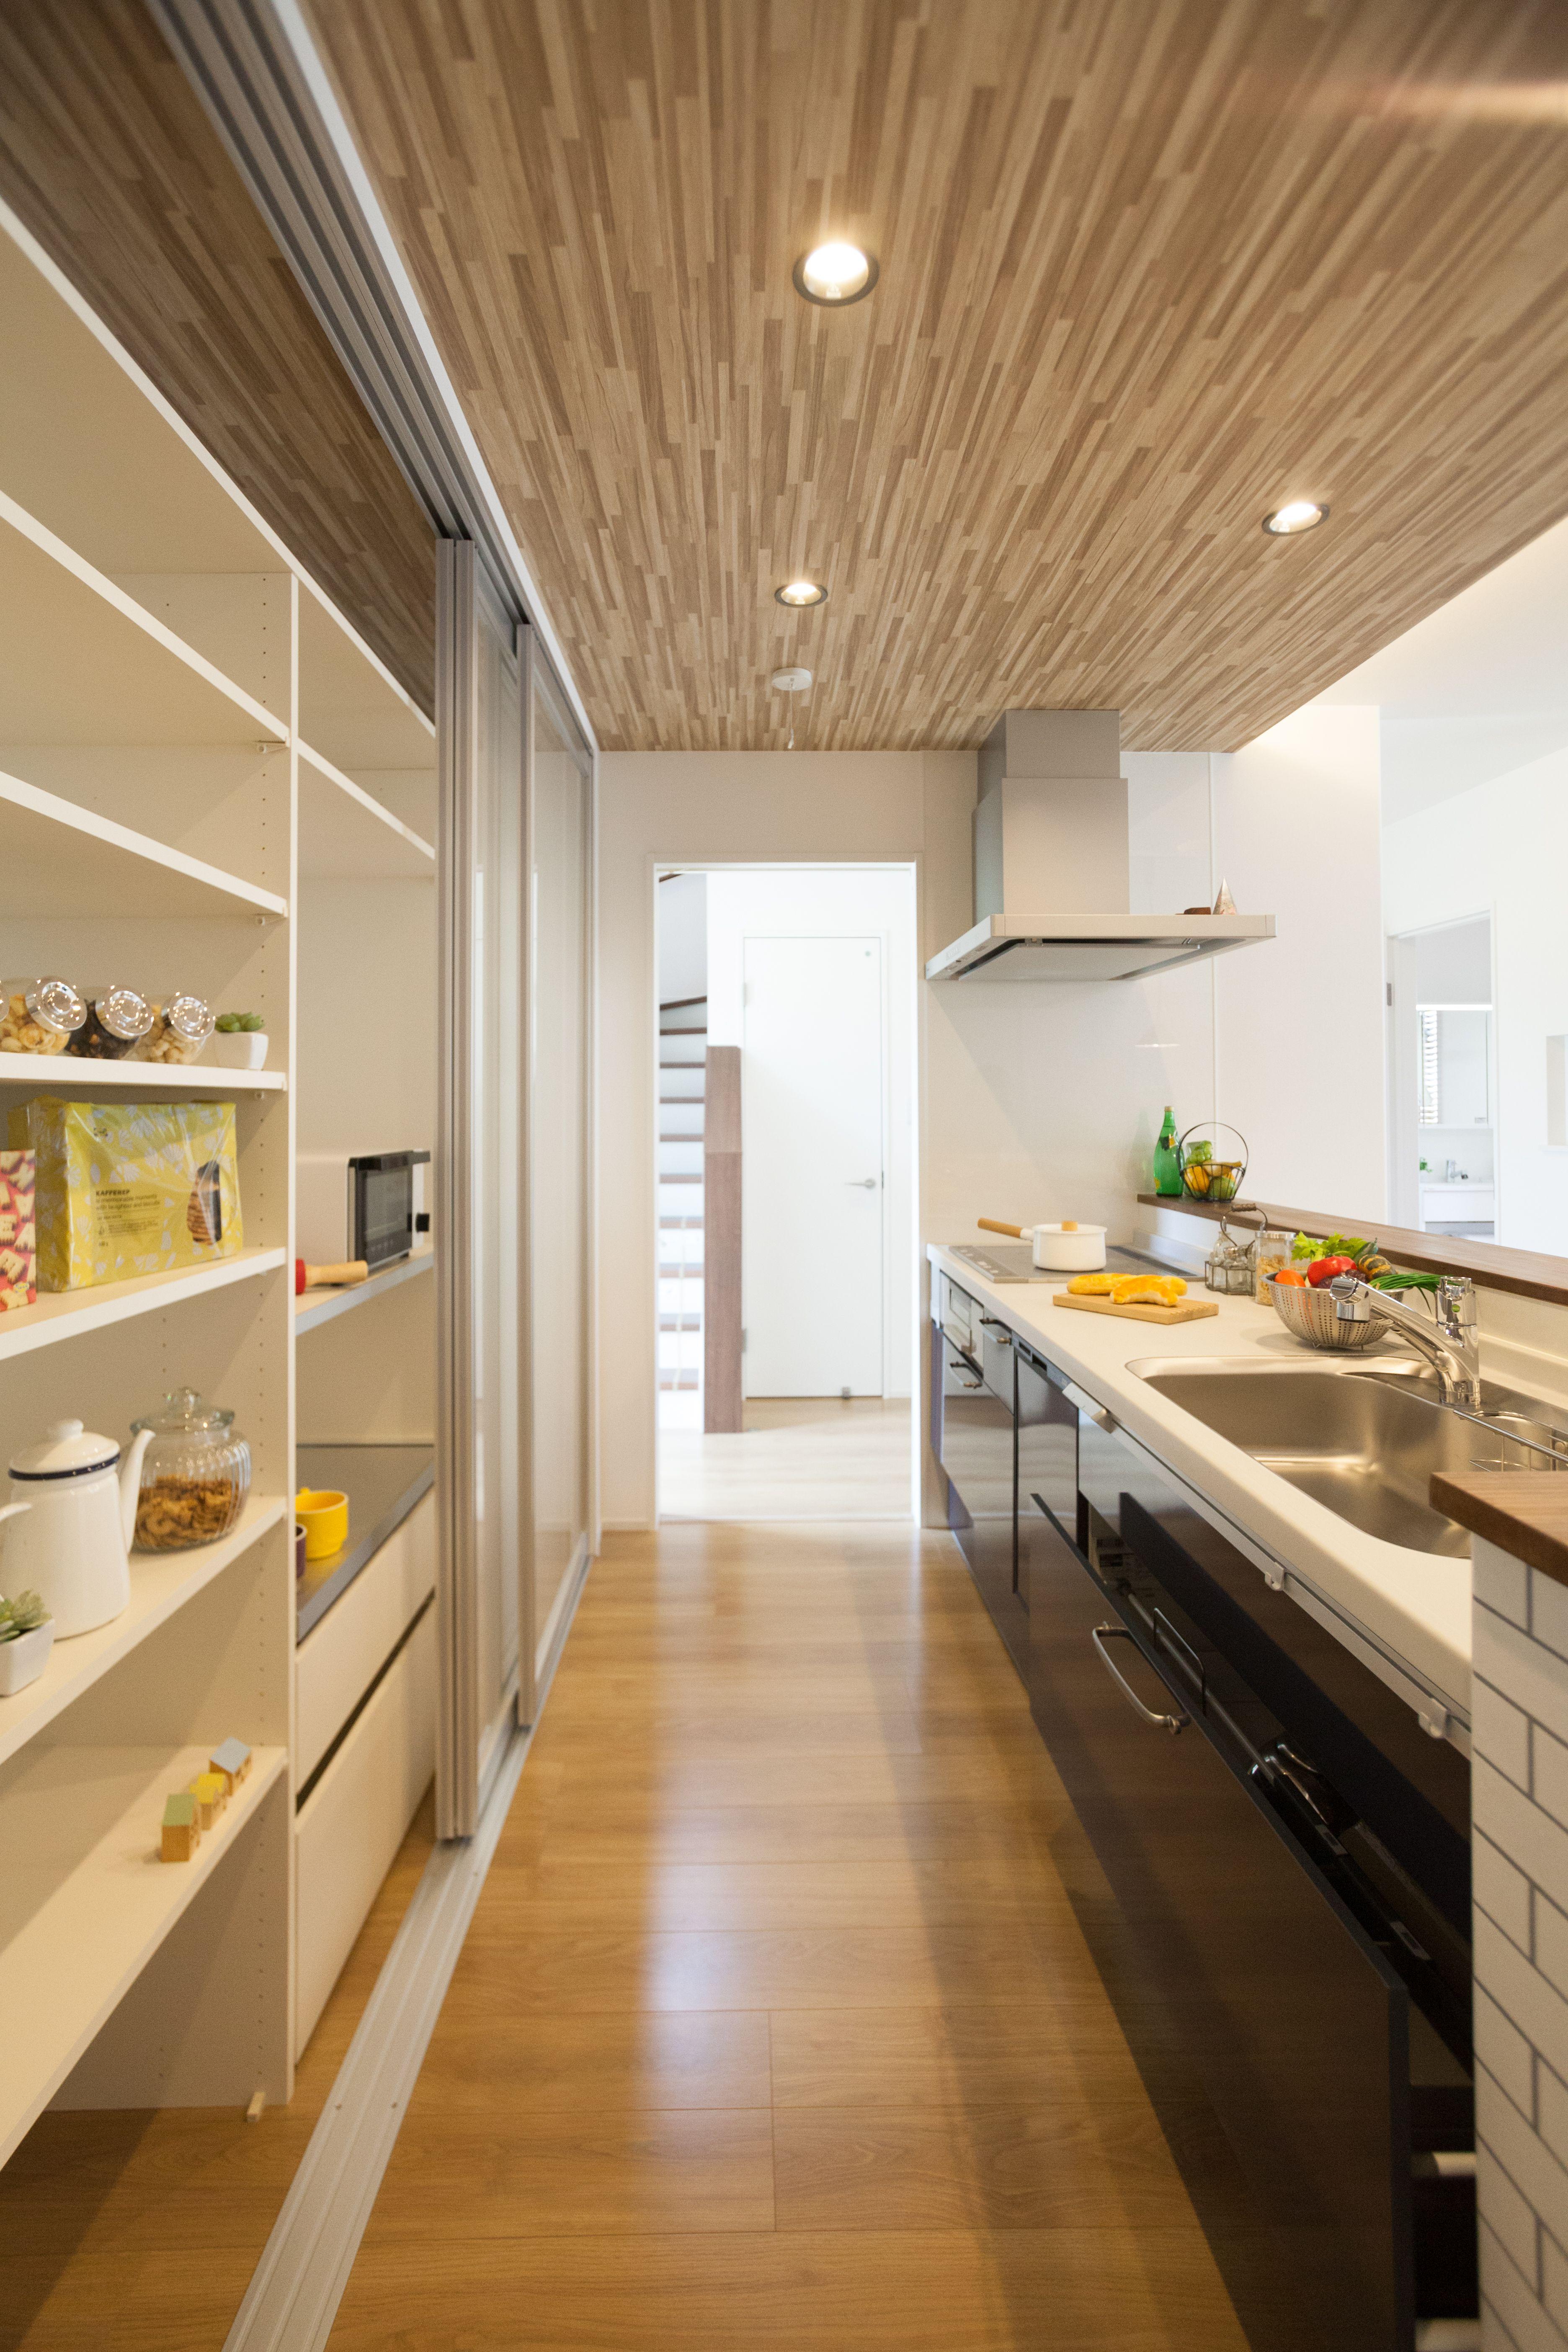 すっきり収納できるキッチンバック収納 キッチン家電から調理用品